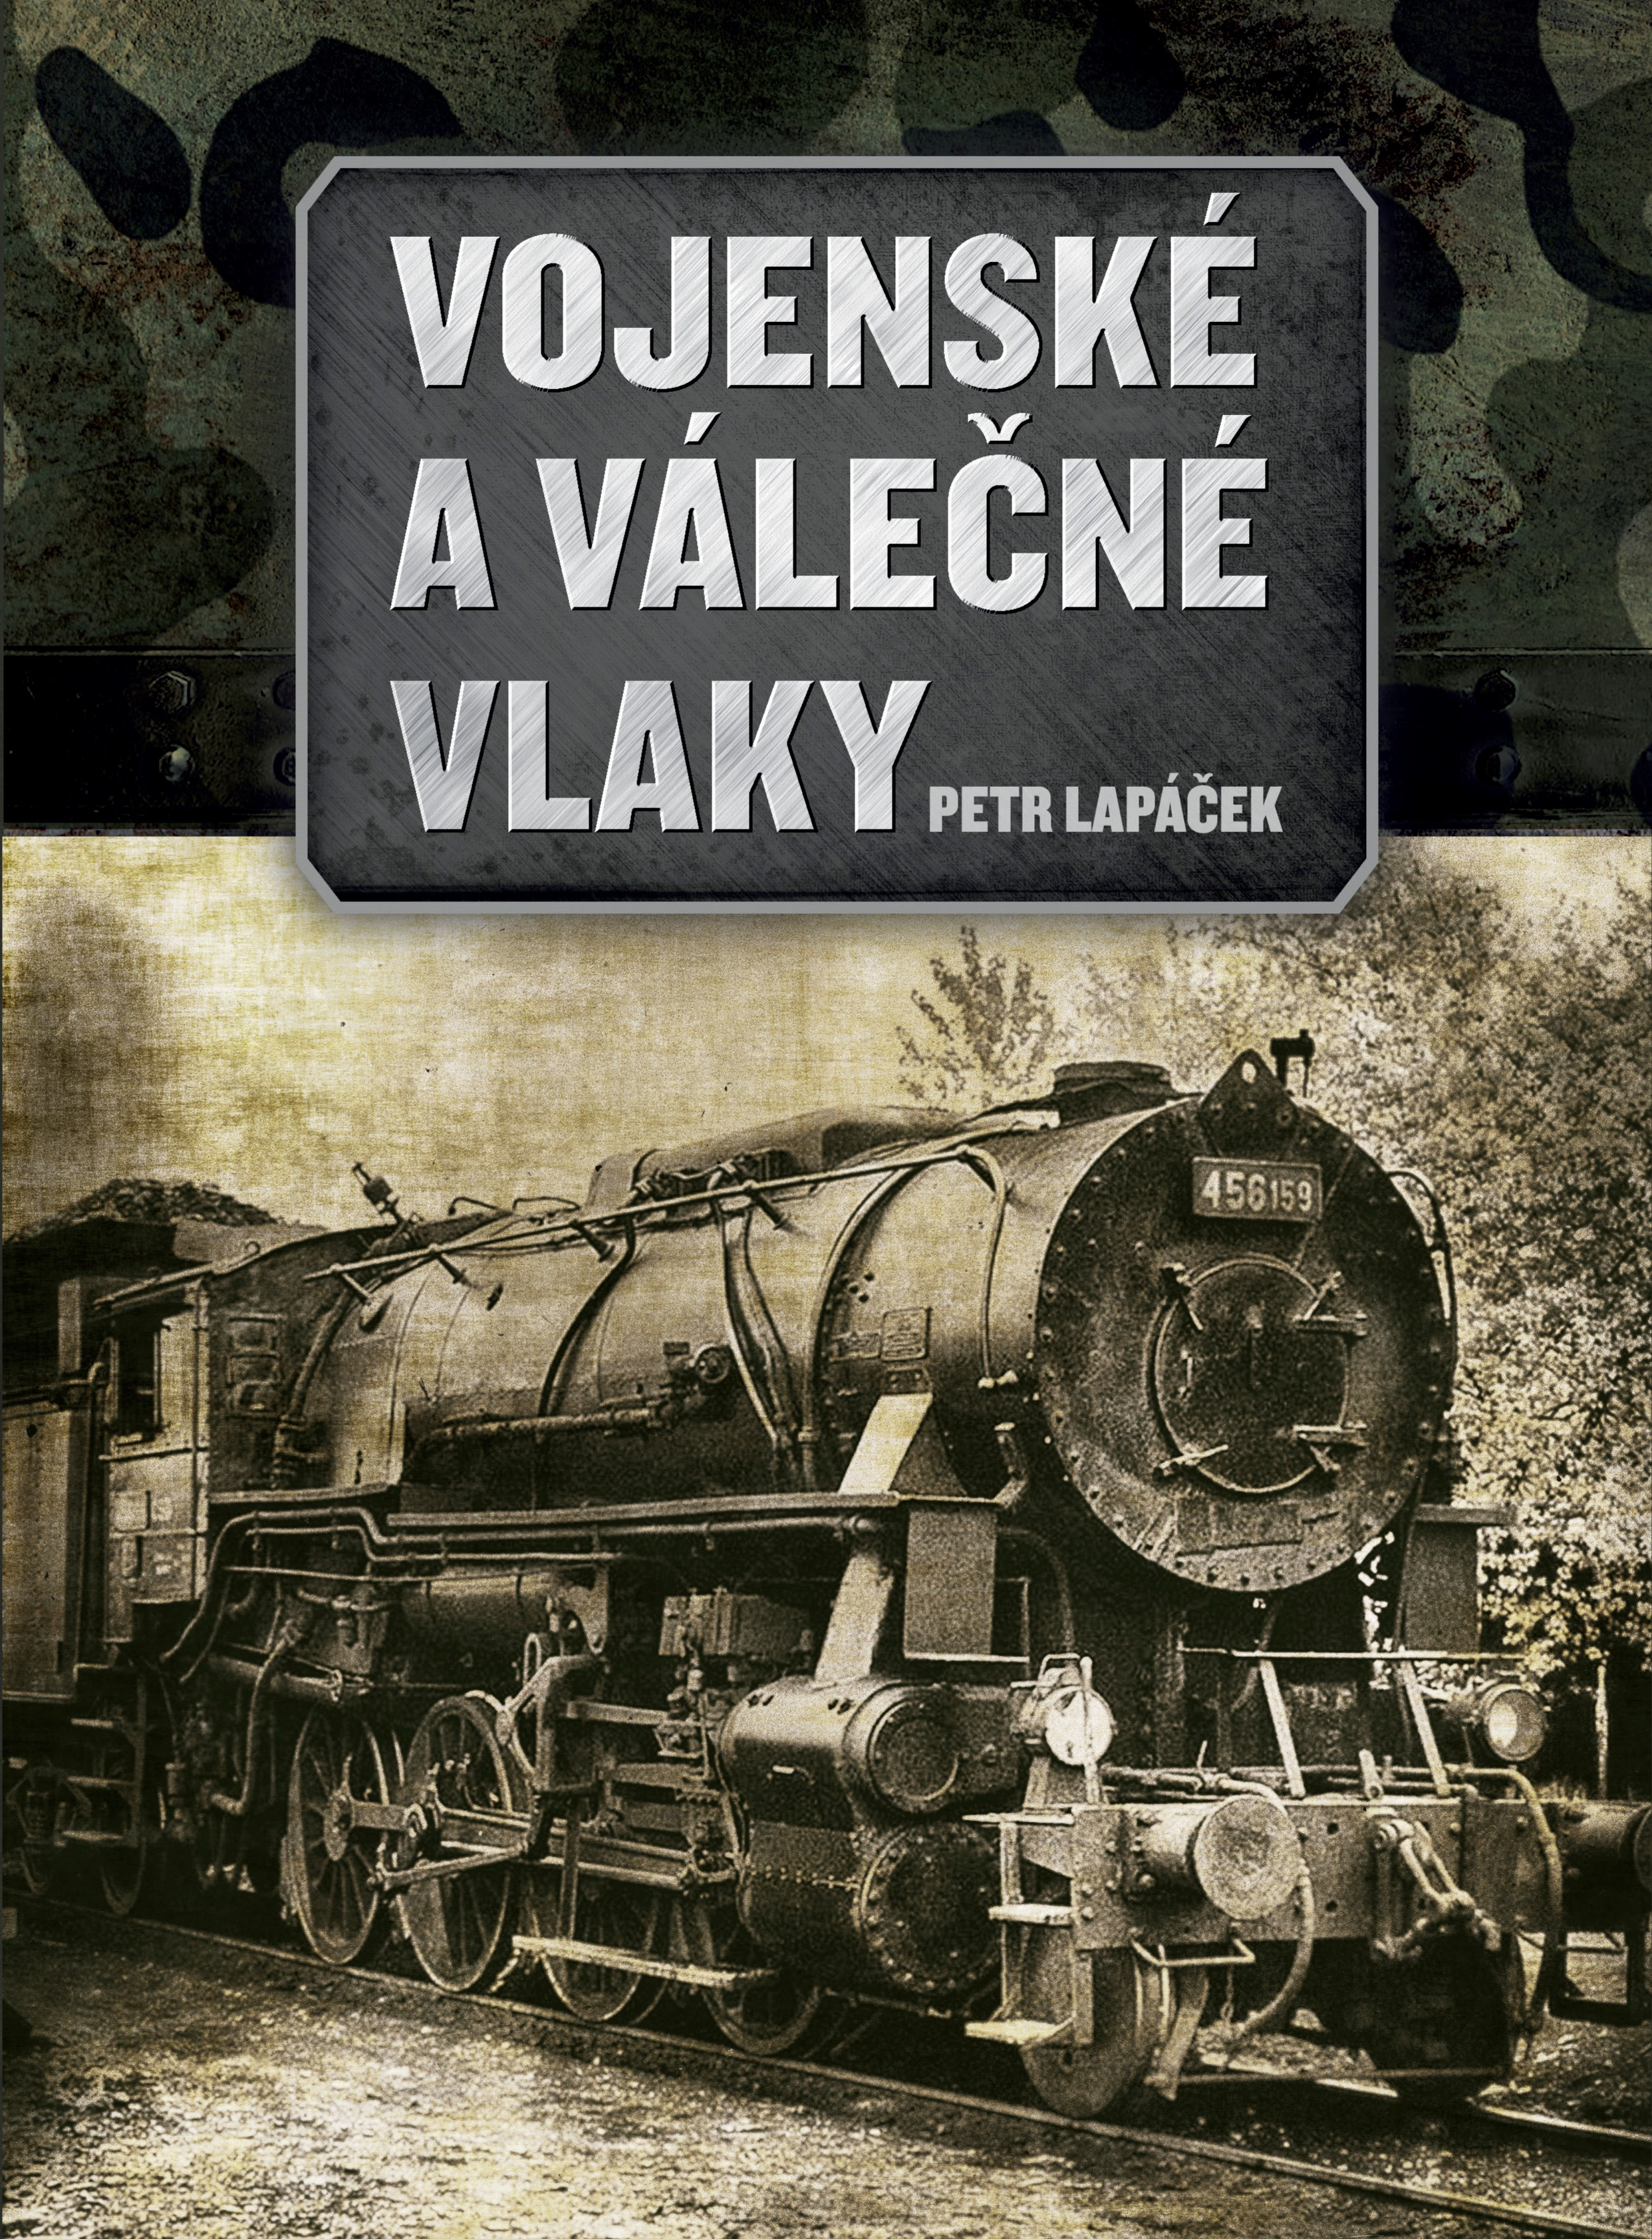 Vojenské a válečné vlaky | Petr Lapáček